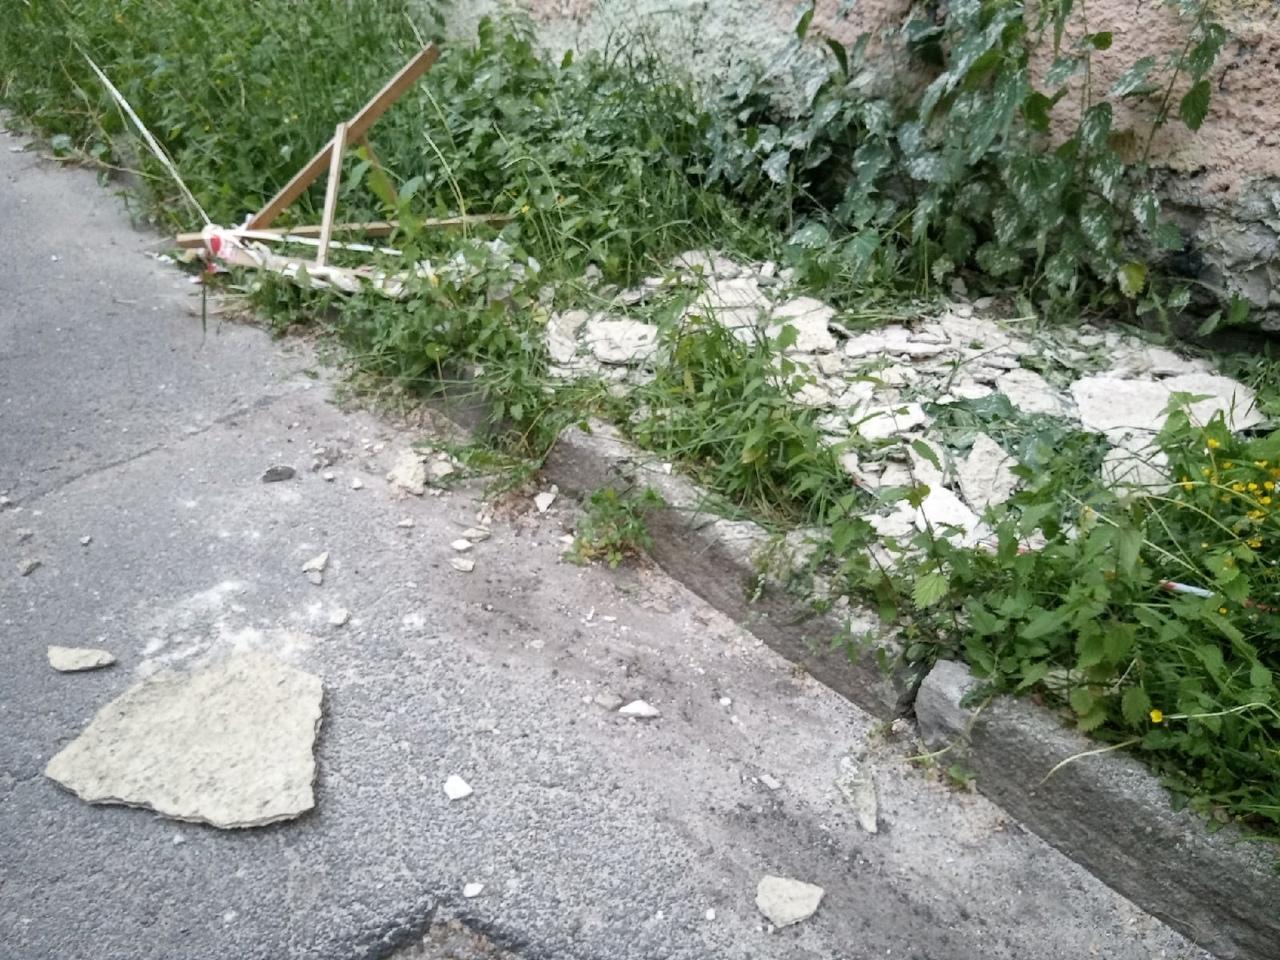 Дом на Черняховского 11, треснувший весной, лопнул ещё в одном месте Весной, трещину, в которую рук...